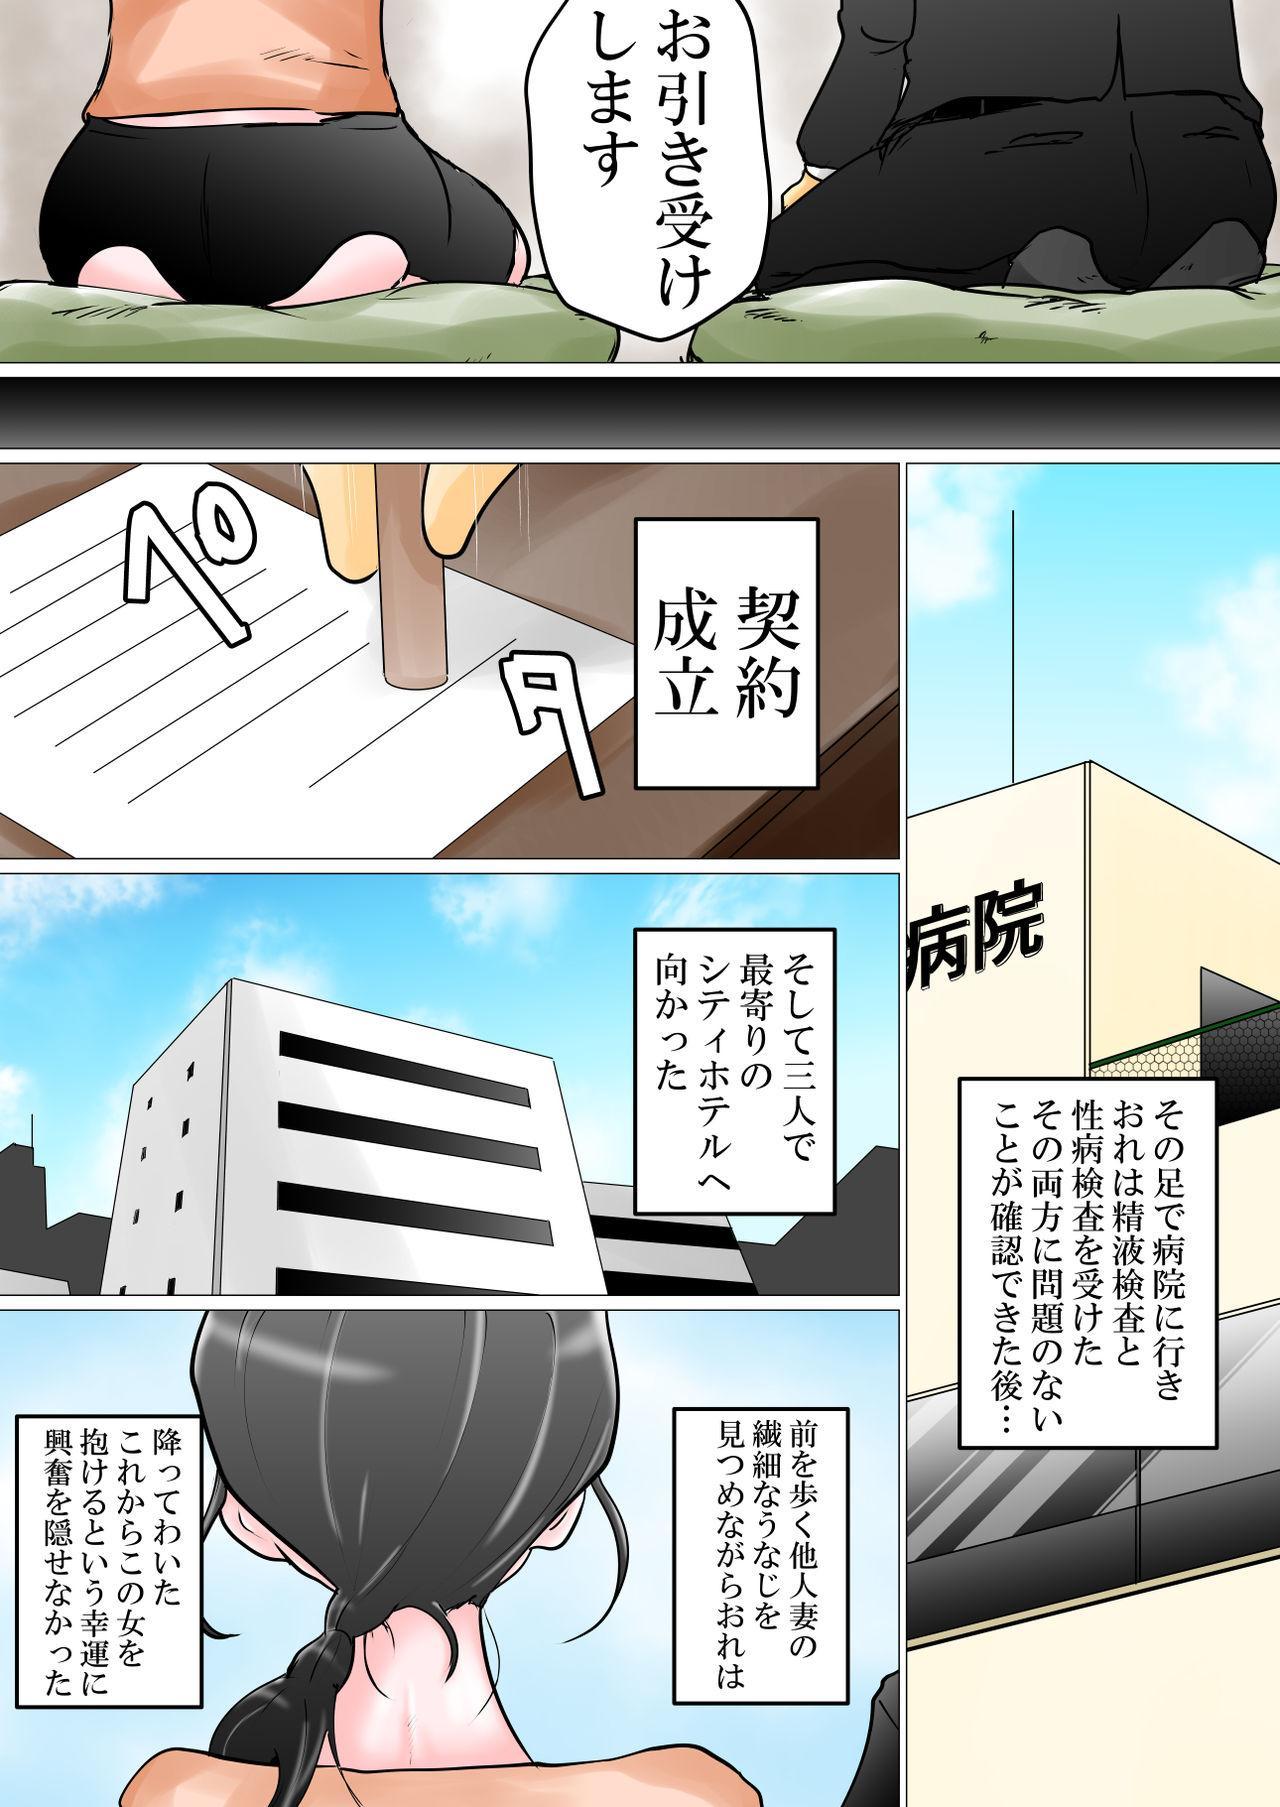 Tanetsuke Irai ~Funin ni Nayamu Fuufu ni Nakadashi o Irai Sareta Benriya no Hanashi 4